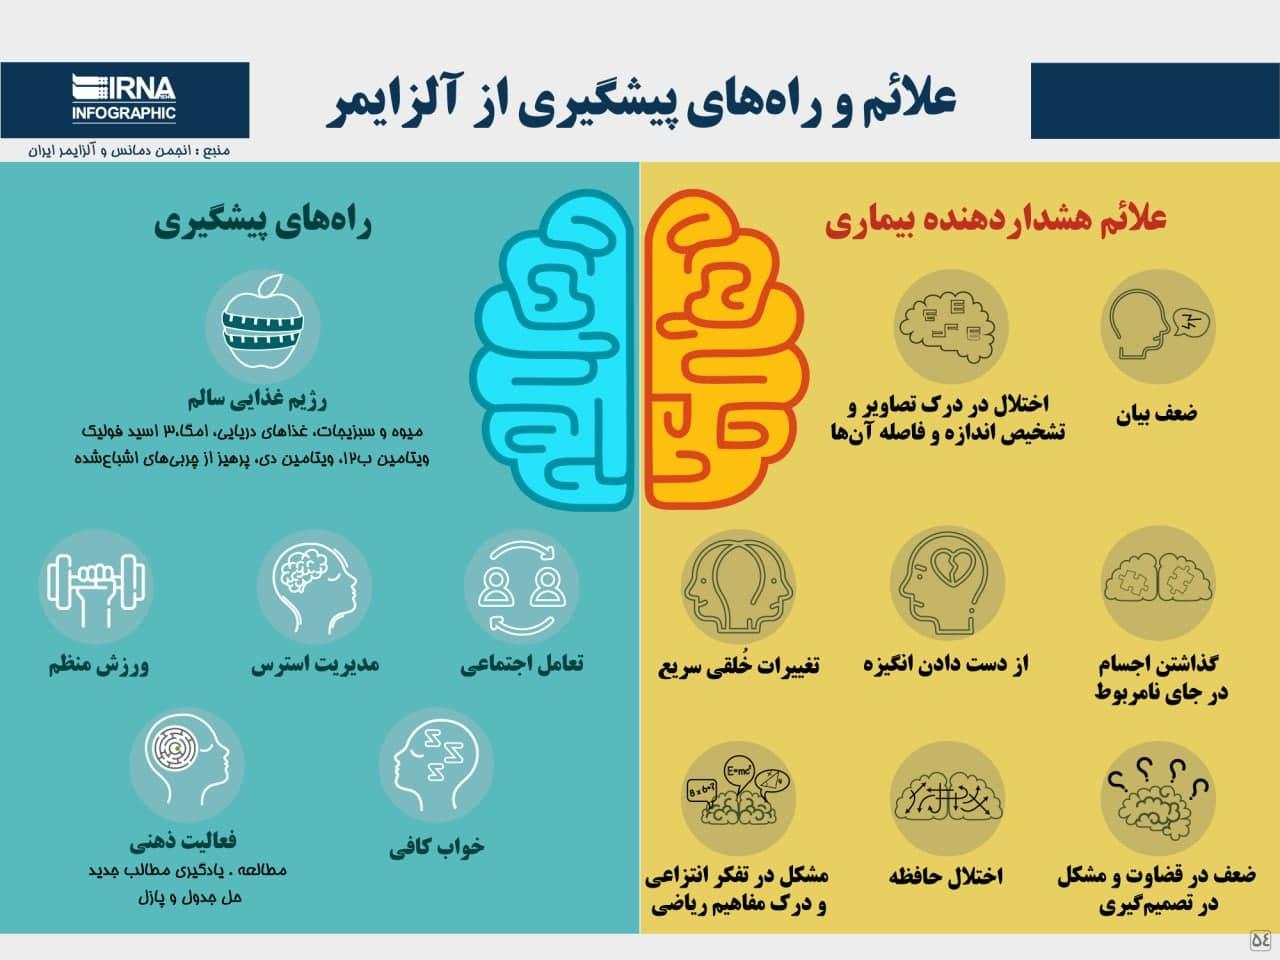 علائم و راه های پیشگیری از آلزایمر (اینفوگرافیک)